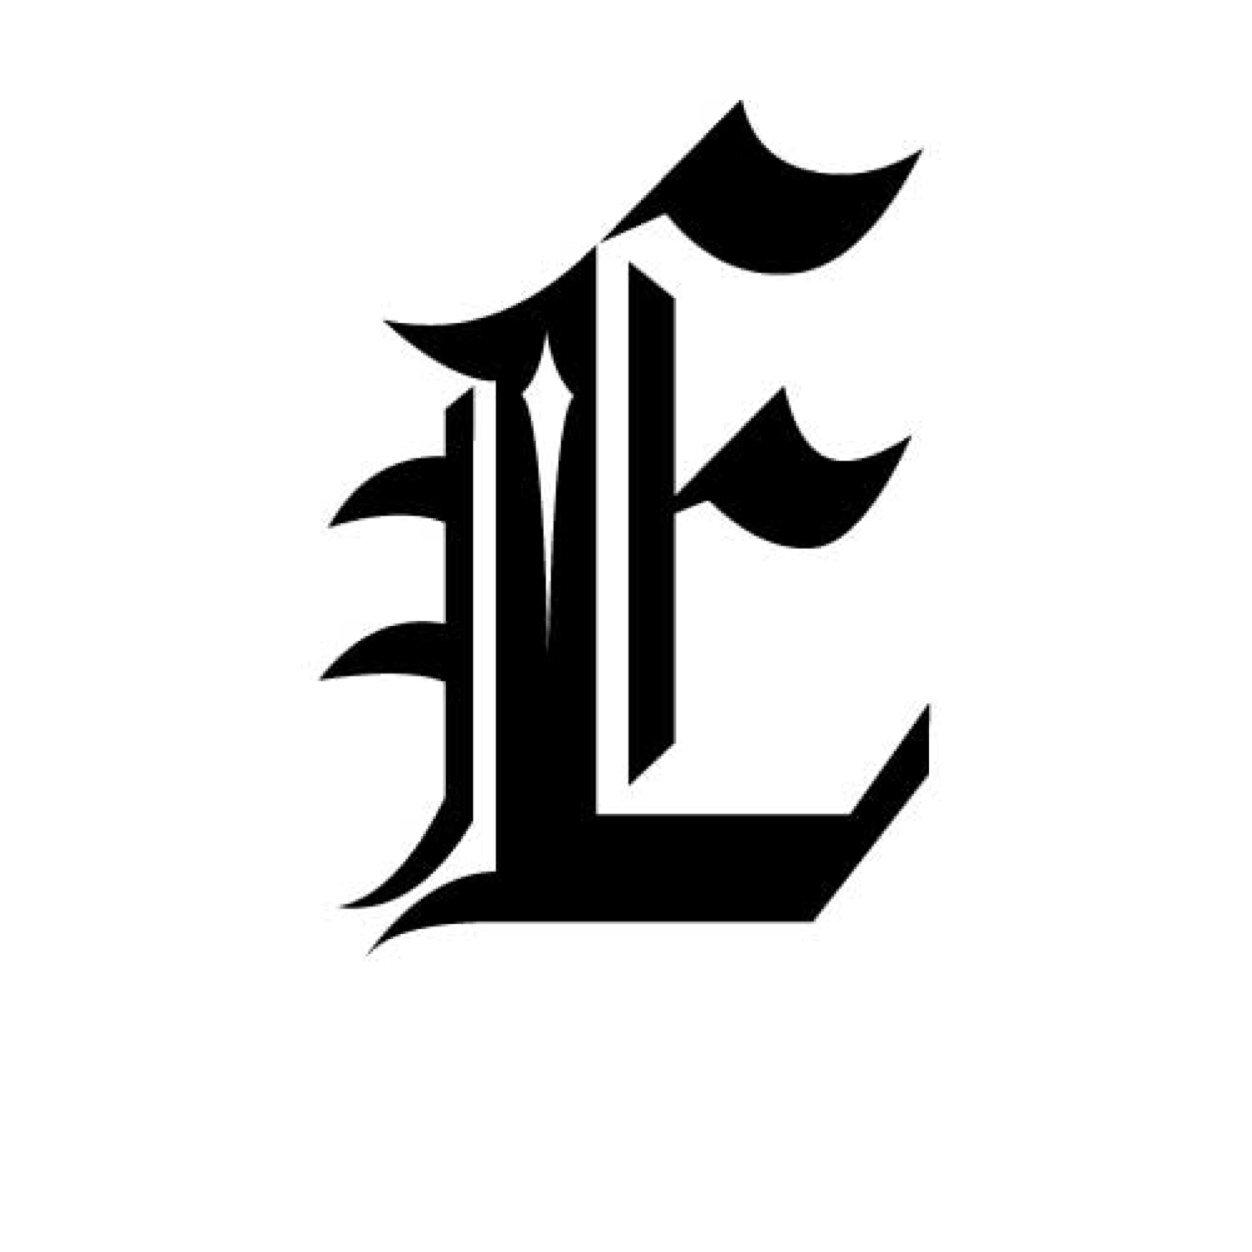 tatouage lettre e et g et l